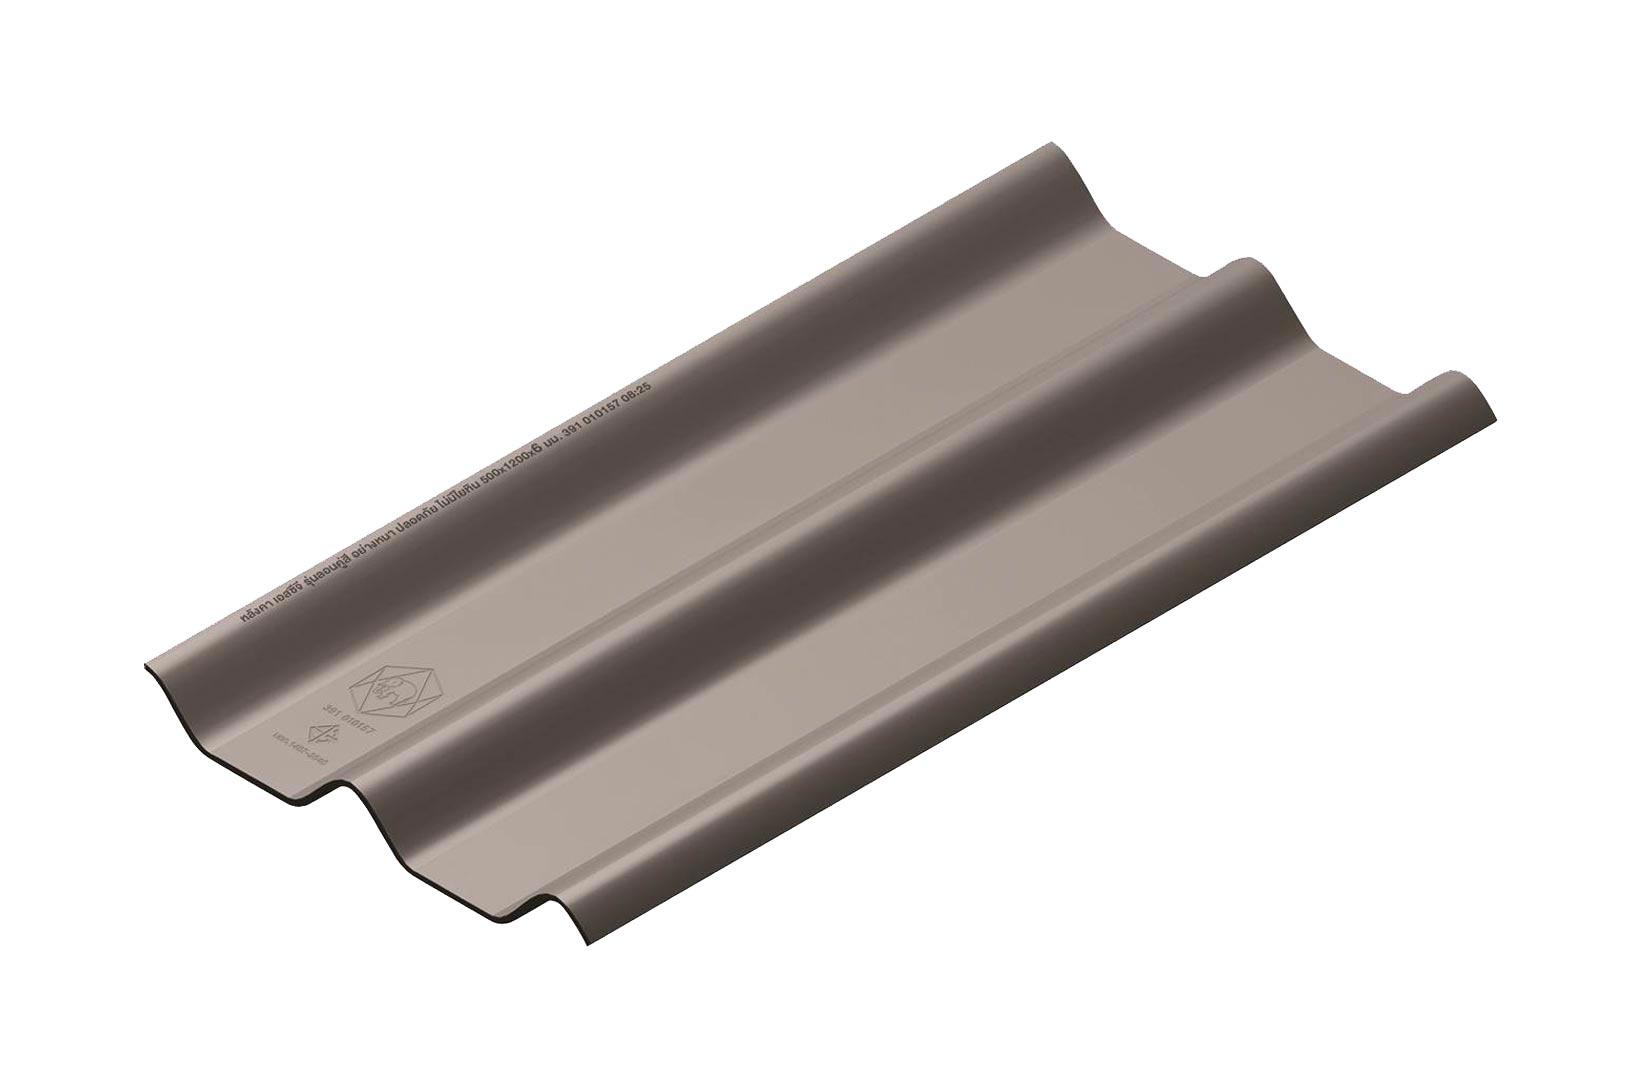 หลังคาไฟเบอร์ซีเมนต์ เอสซีจี รุ่น ลอนคู่ไฮบริด 50x120x0.55 สีเทาศิลา 1